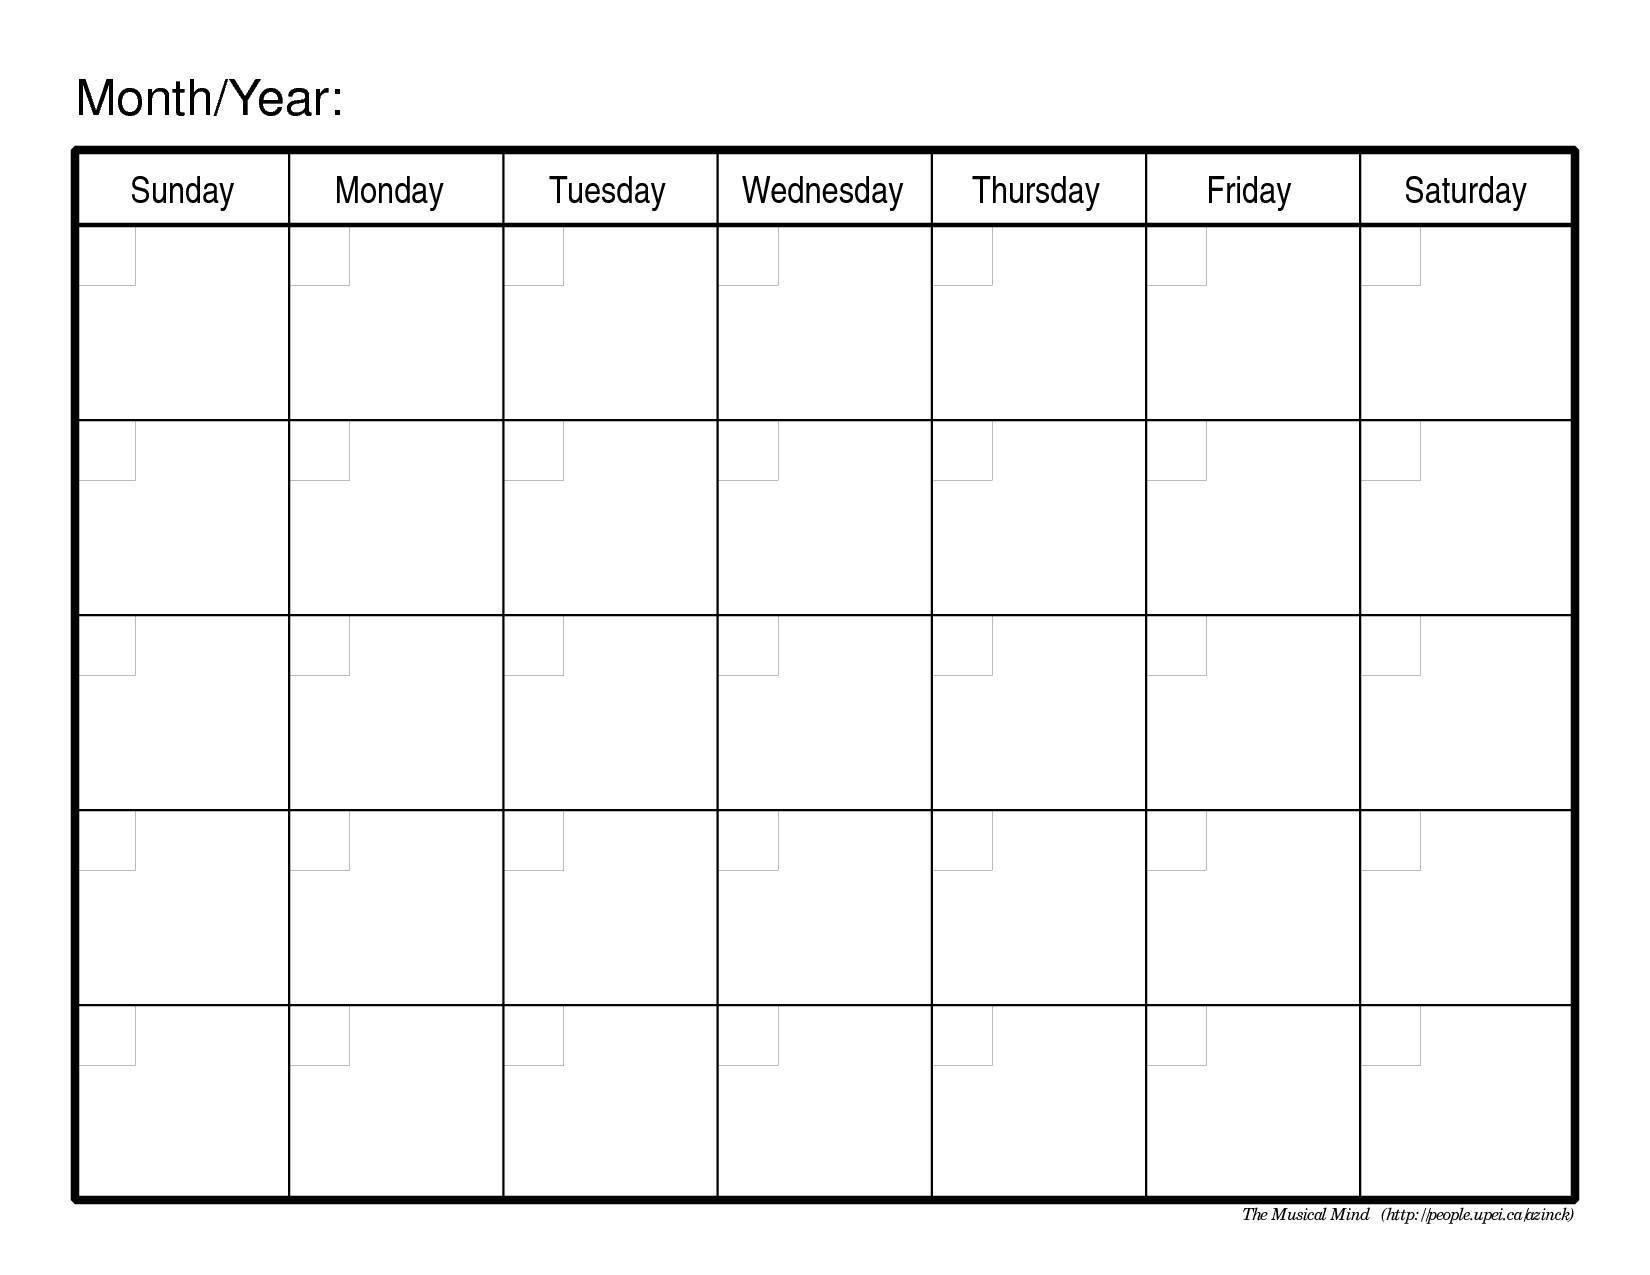 Fillable Calendar Printable Calendar Templates Free Blank Calendar regarding Free Fillable Blank Calendar Templates